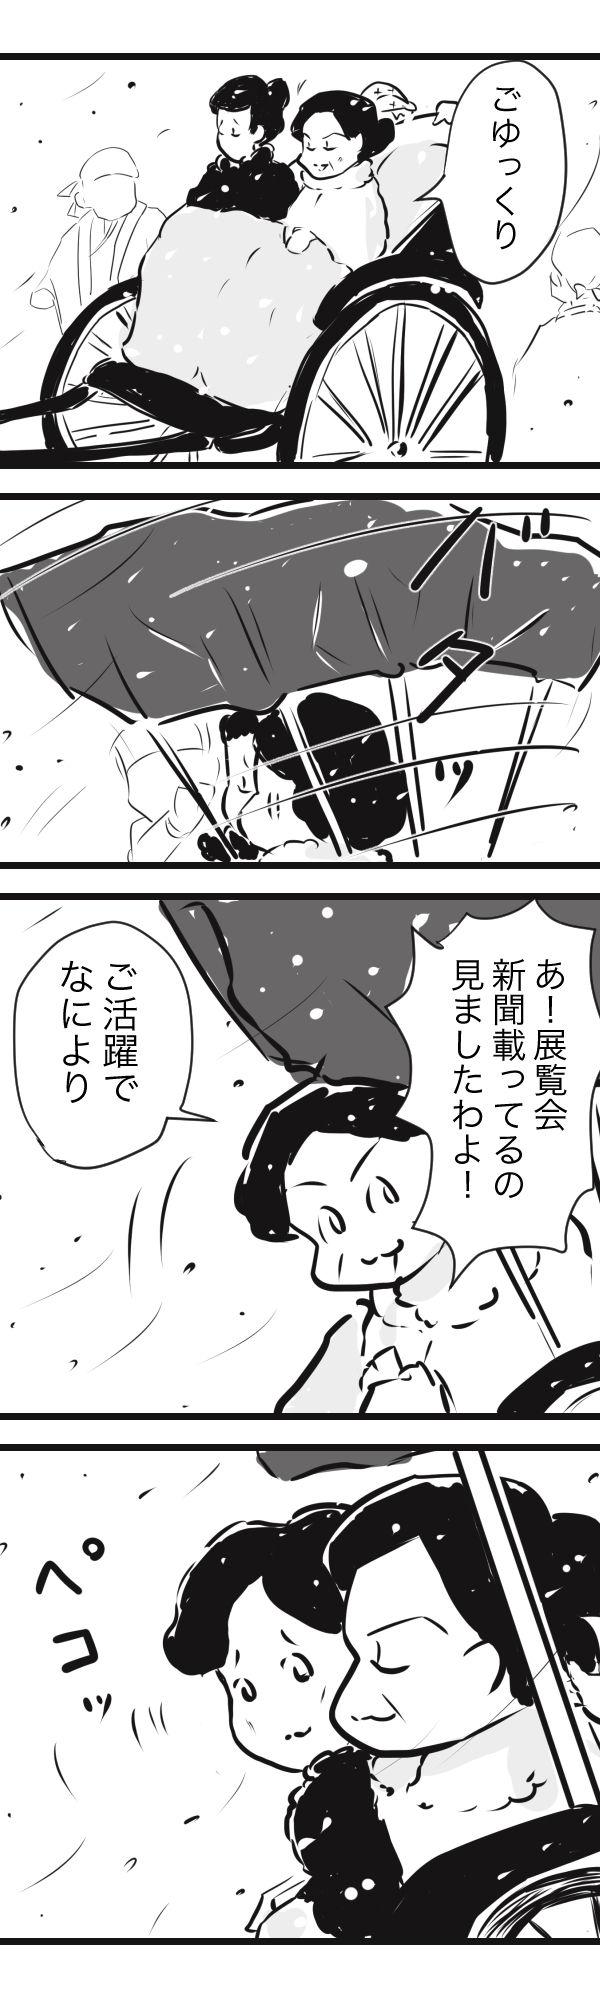 山田 金沢10−6−1